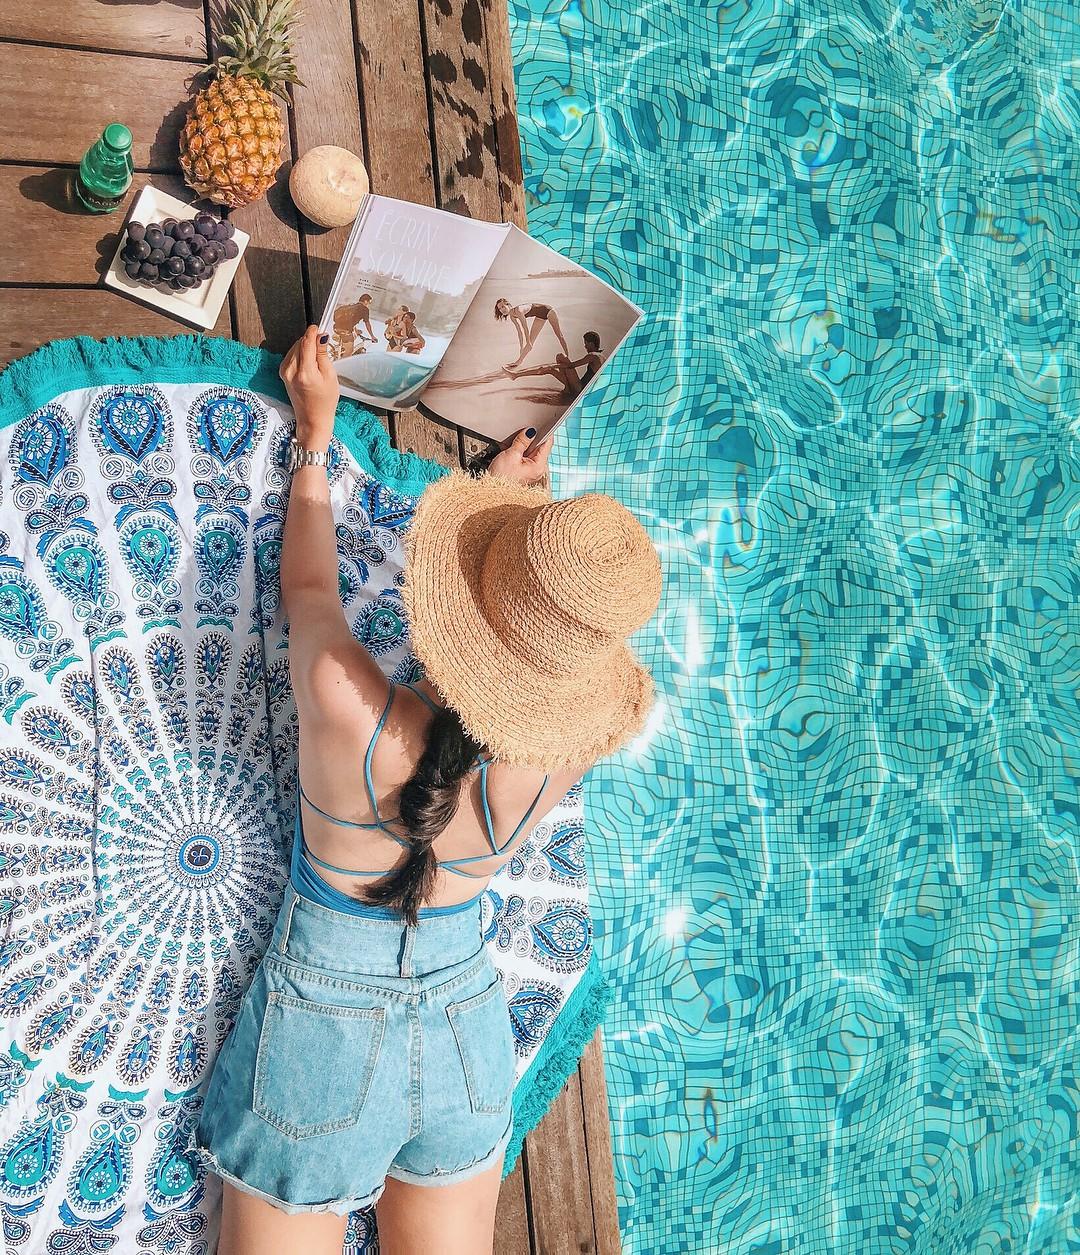 6 loại kem chống nắng với chỉ số SPF cao ngất mà bạn sẽ rất cần trong hành lý đi du lịch dịp nghỉ lễ này - Ảnh 2.